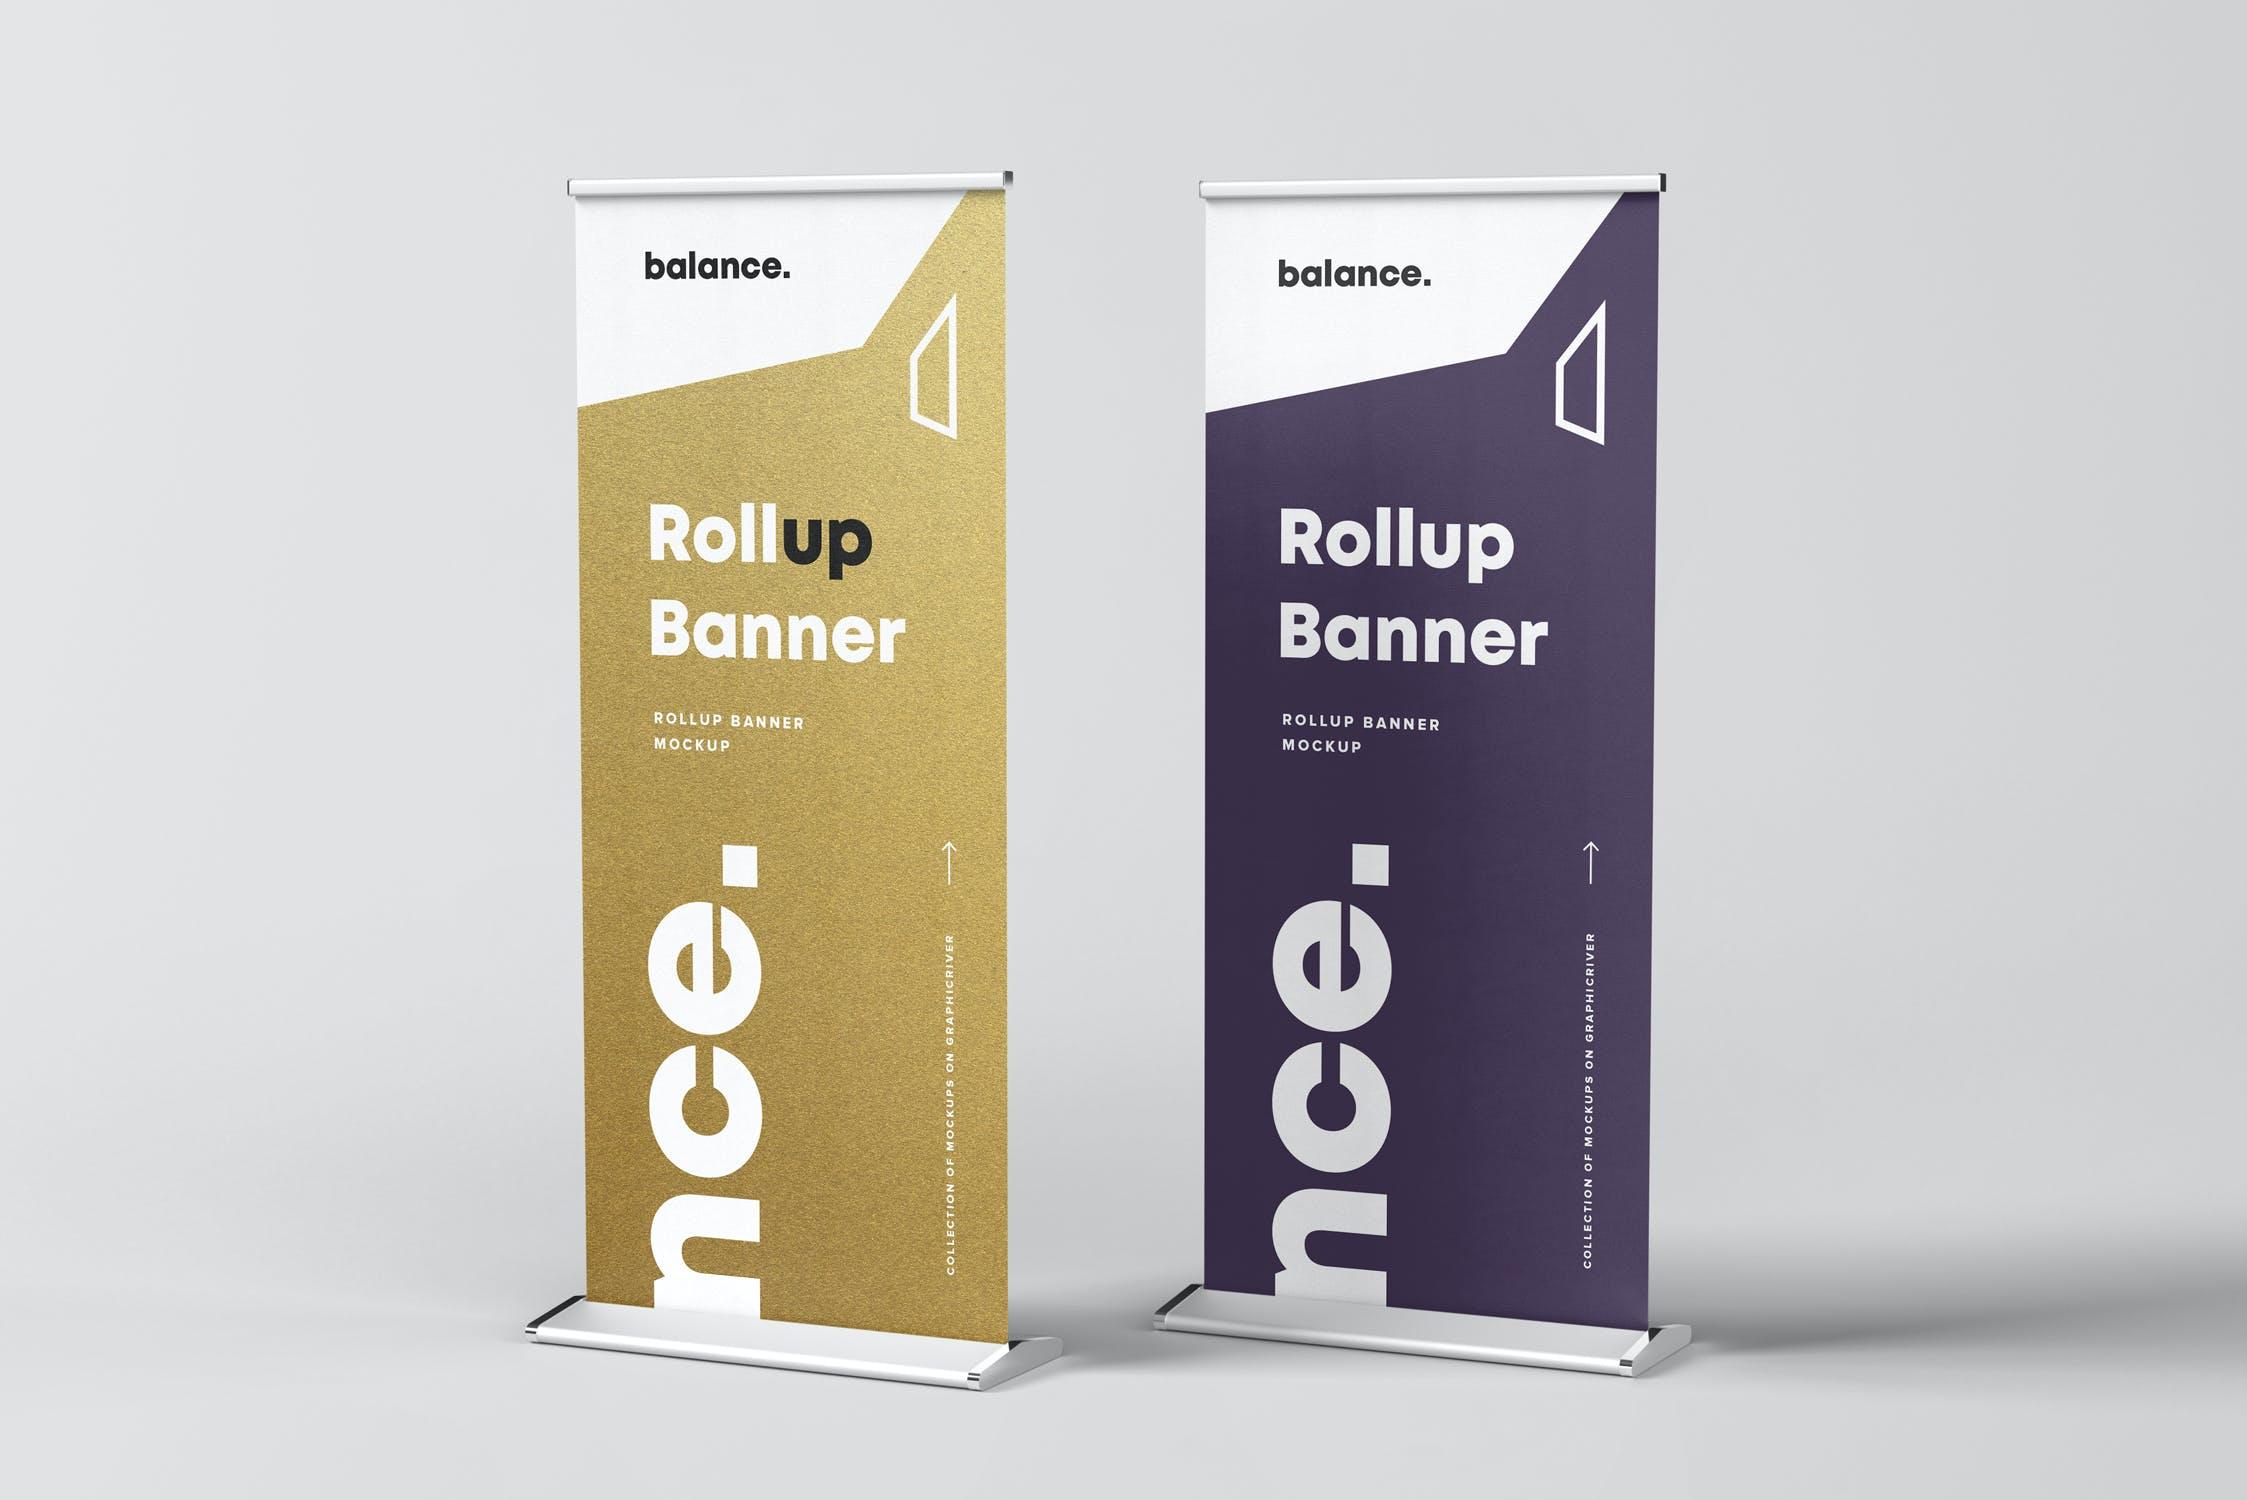 7款自立式易拉宝展架横幅海报设计展示样机模板 Roll Up Banner Mockup插图(5)